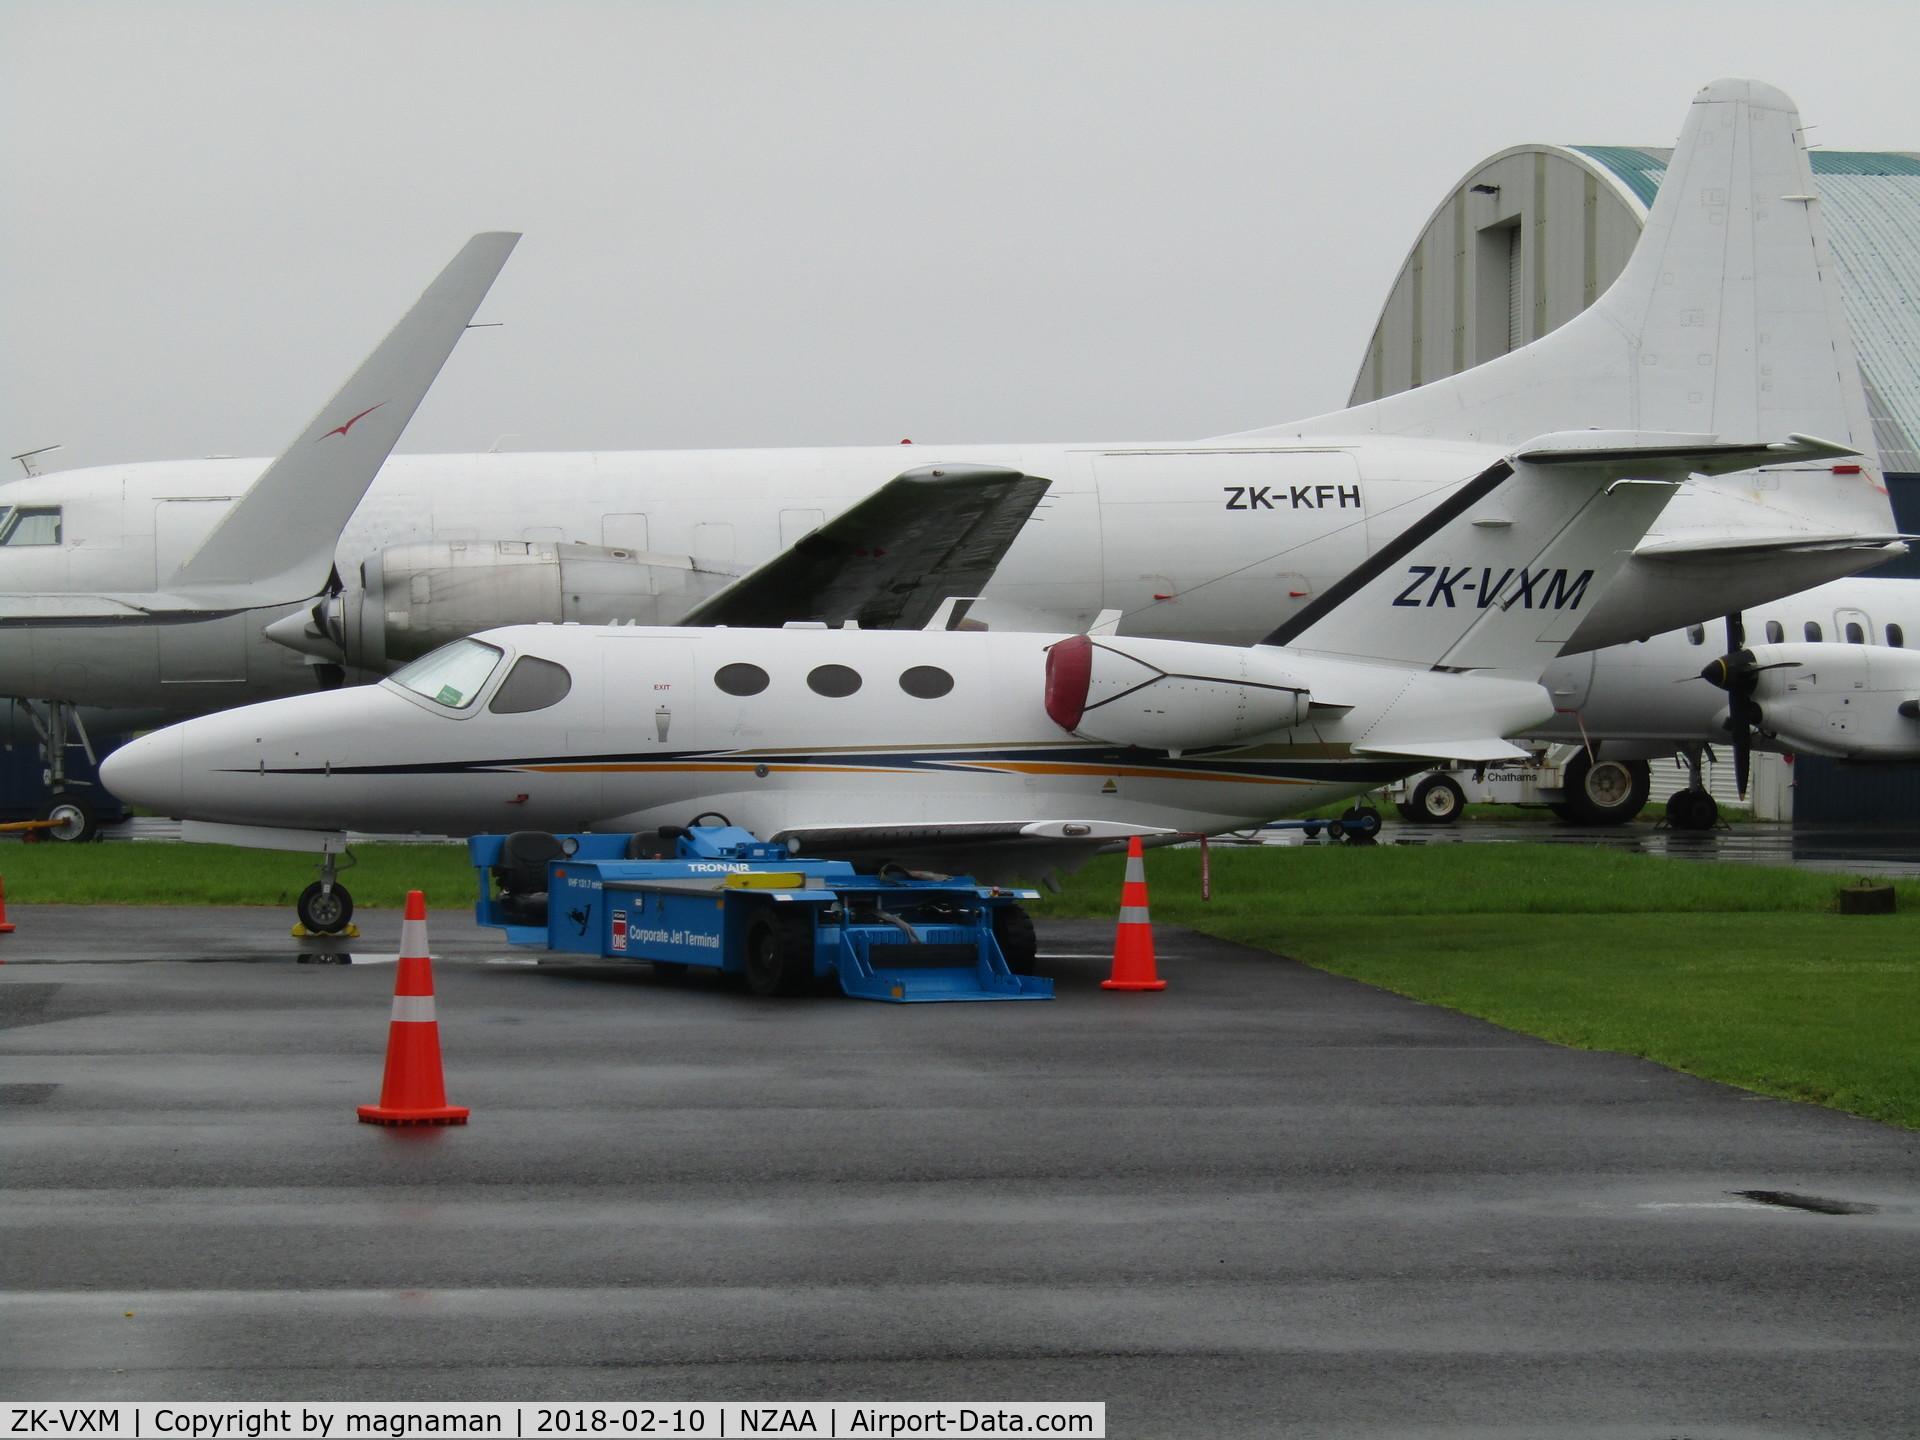 ZK-VXM, 2010 Cessna 510 Citation Mustang C/N 510-0347, ex ZK-JAK now ZK-VXM